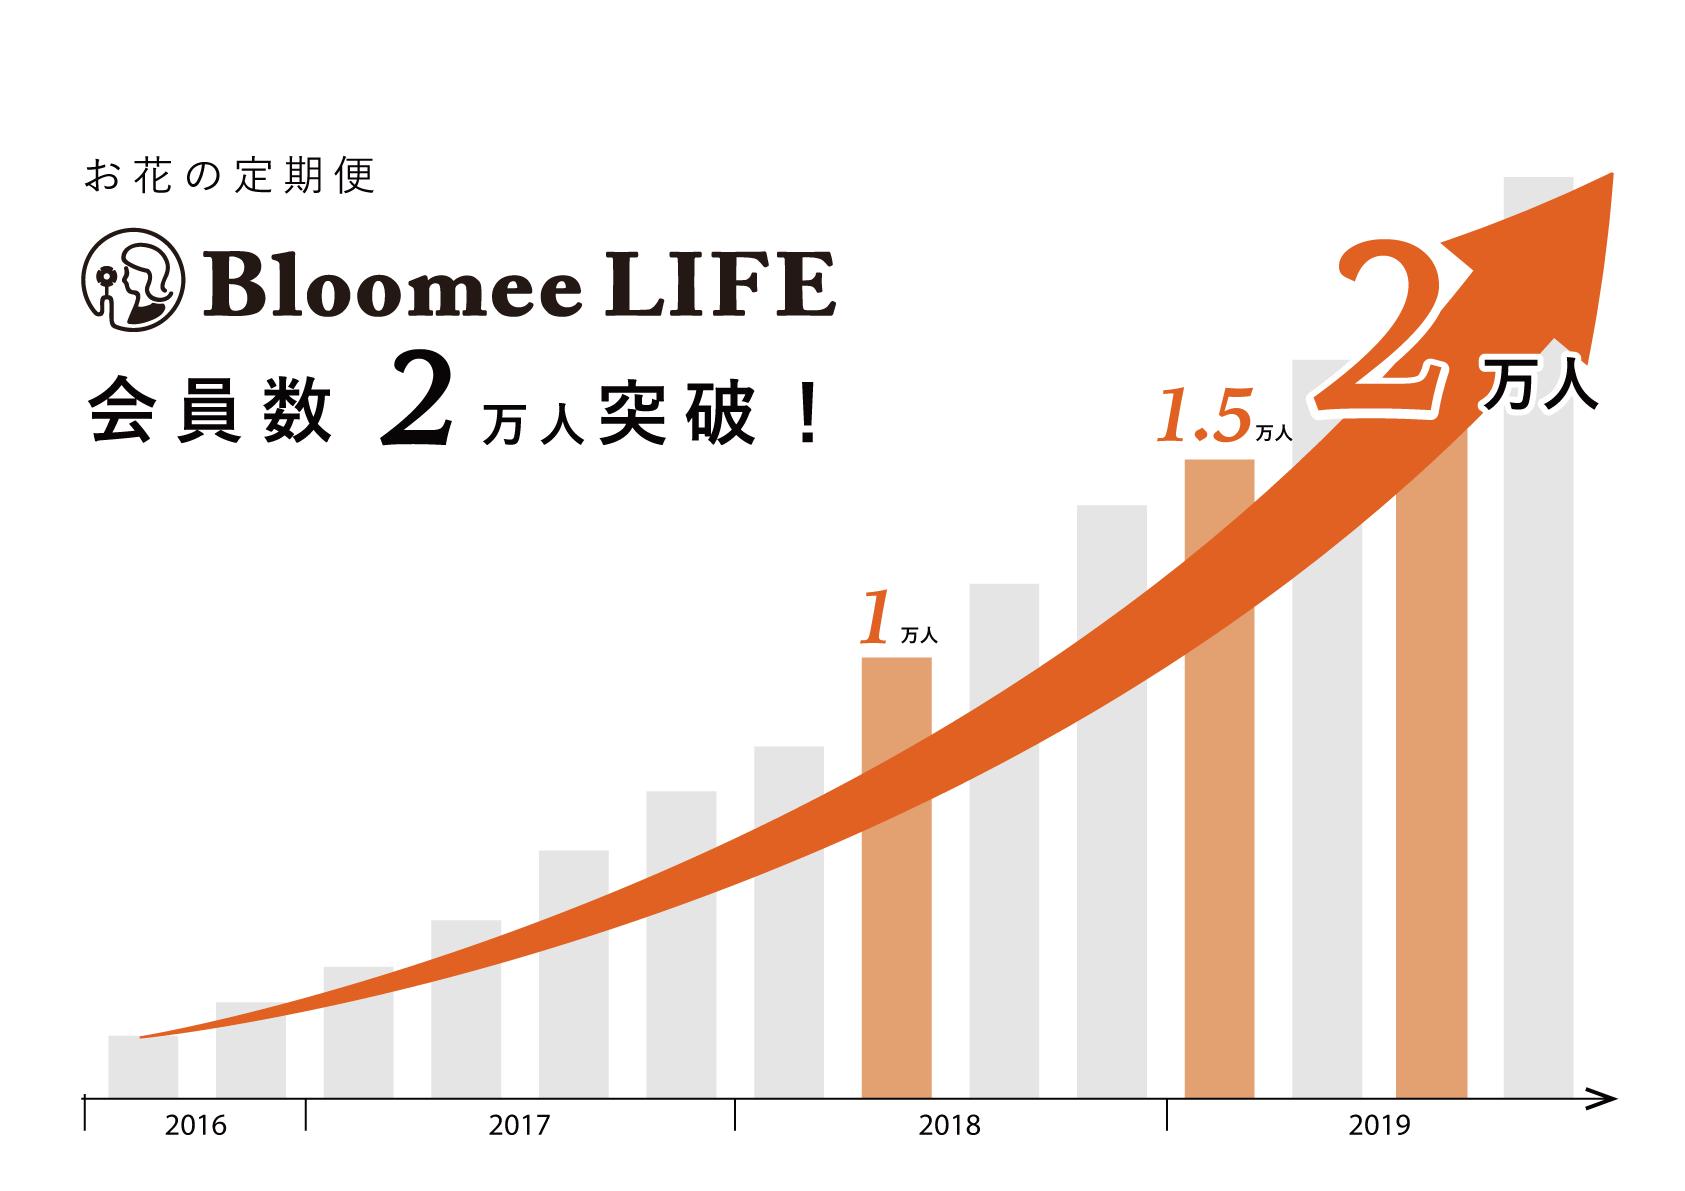 2%e4%b8%87%e4%ba%ba%e7%aa%81%e7%a0%b4